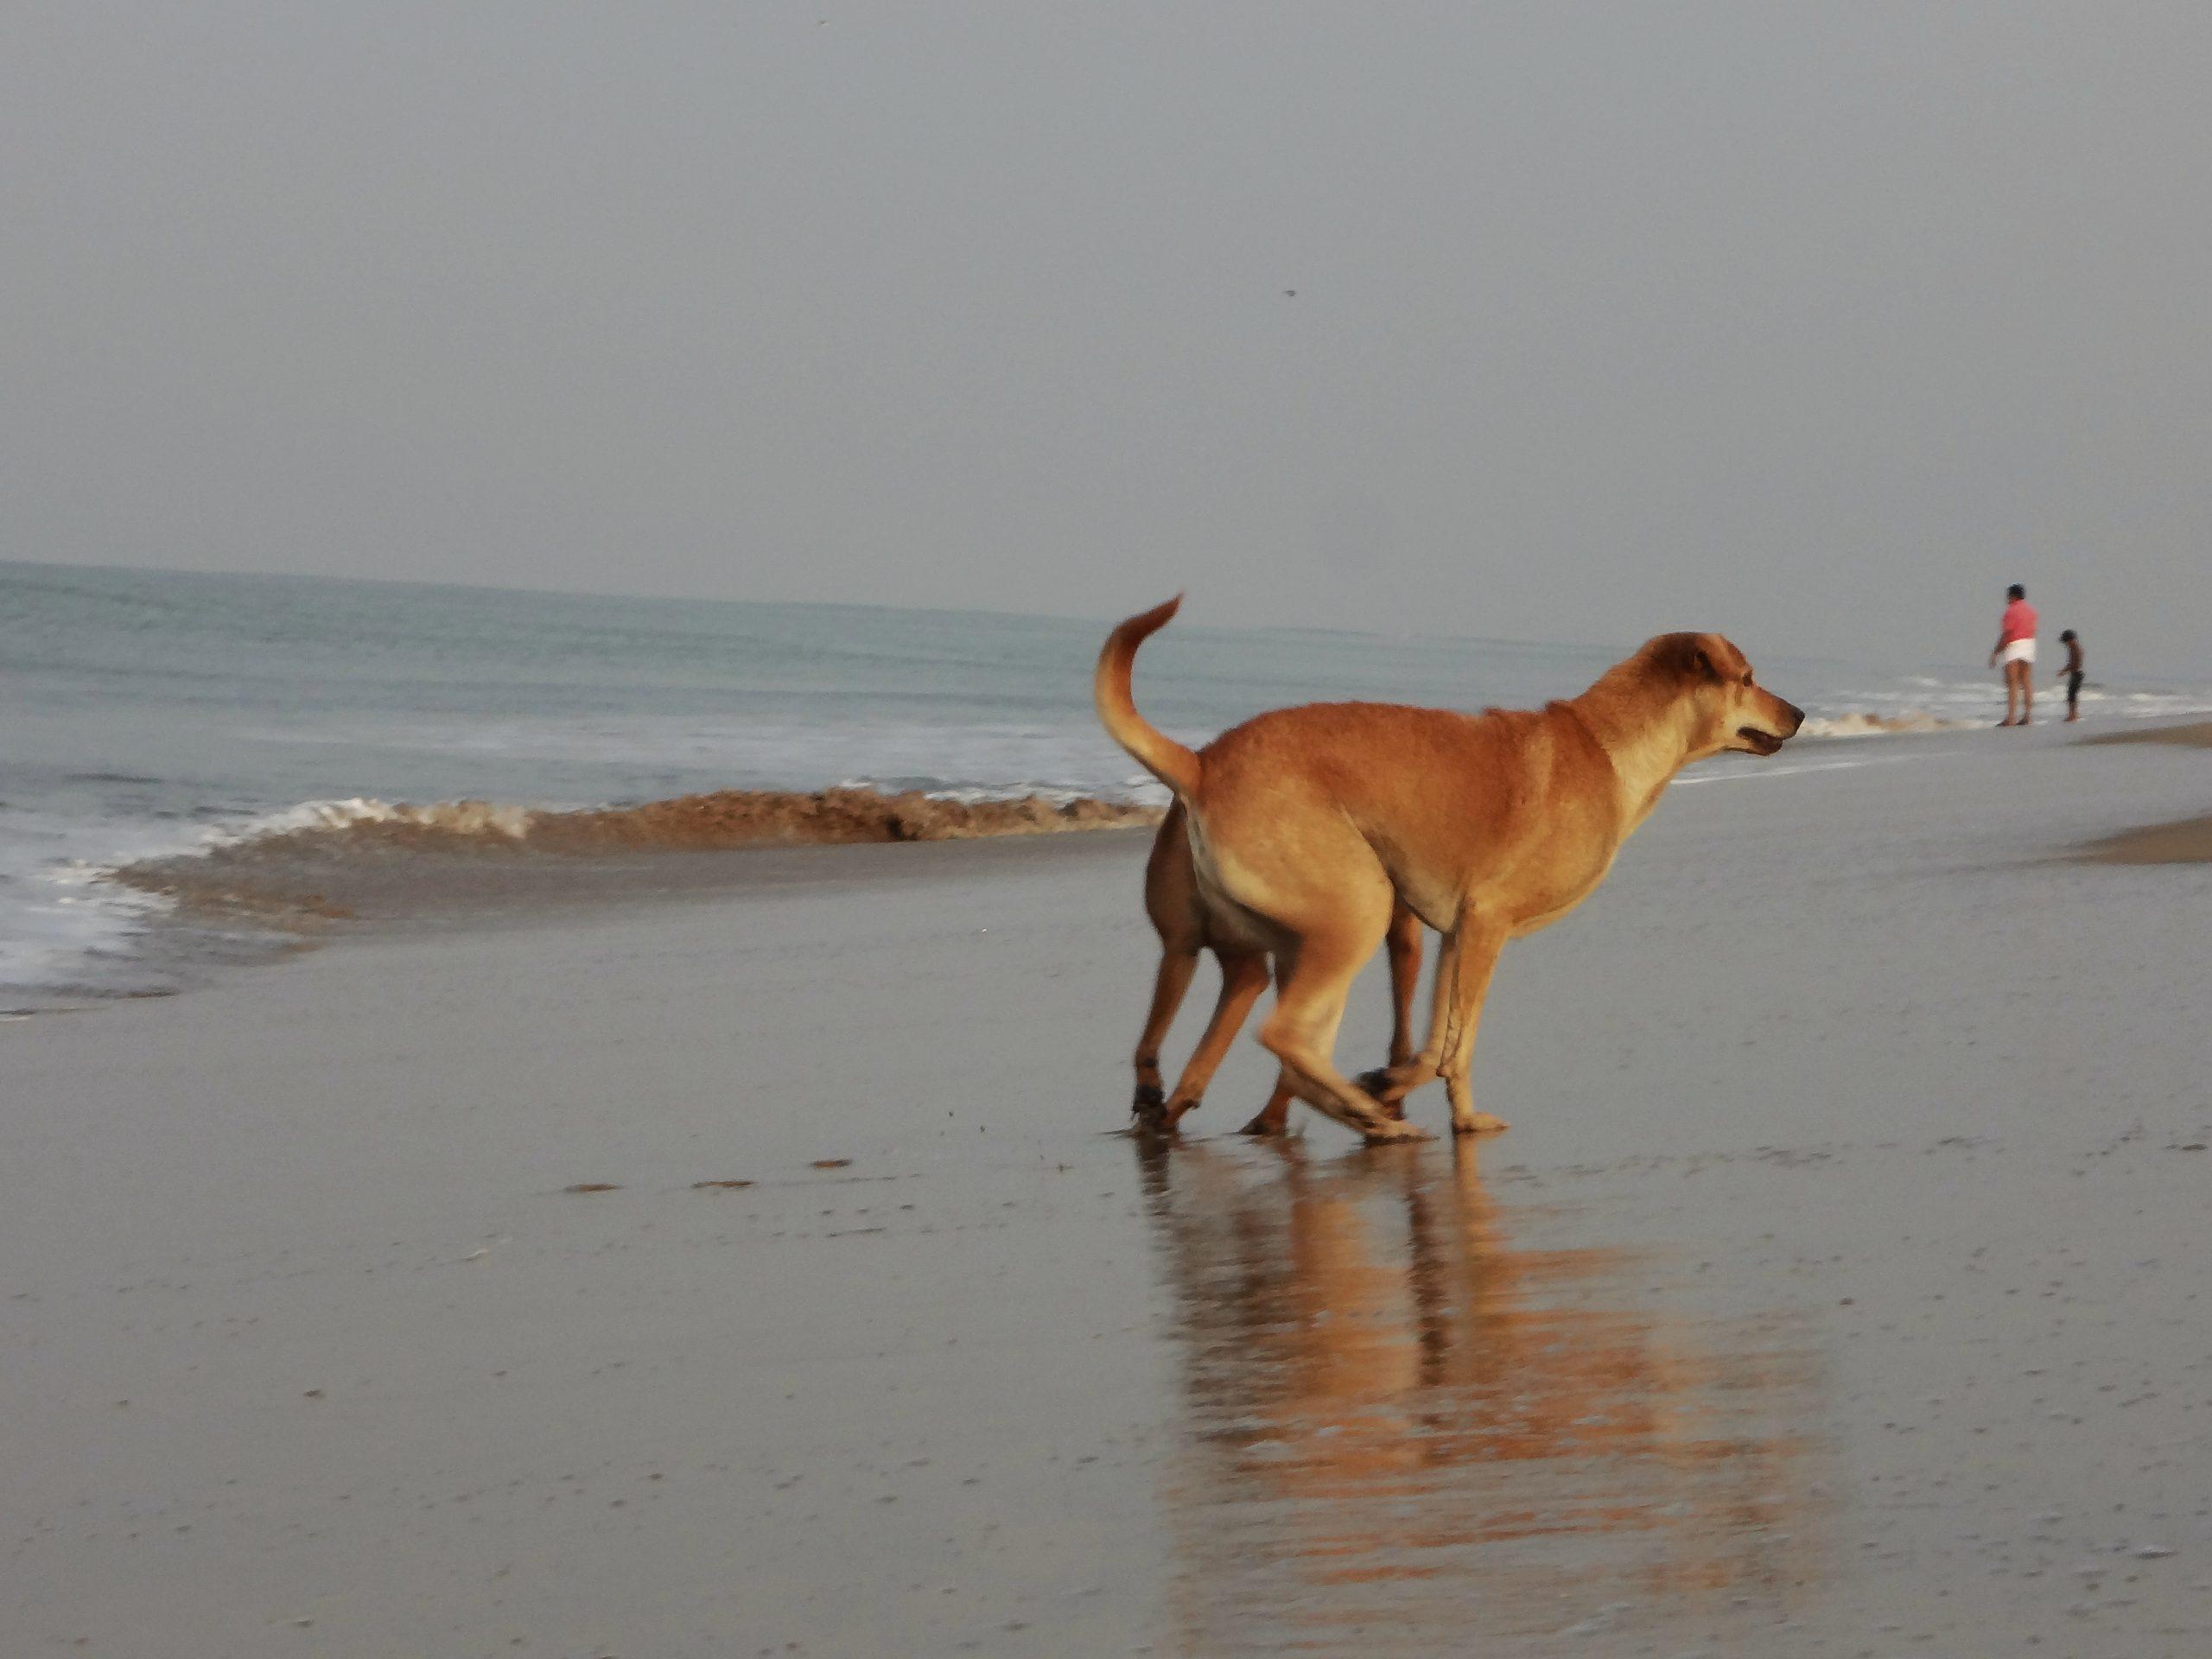 A dog at a beach